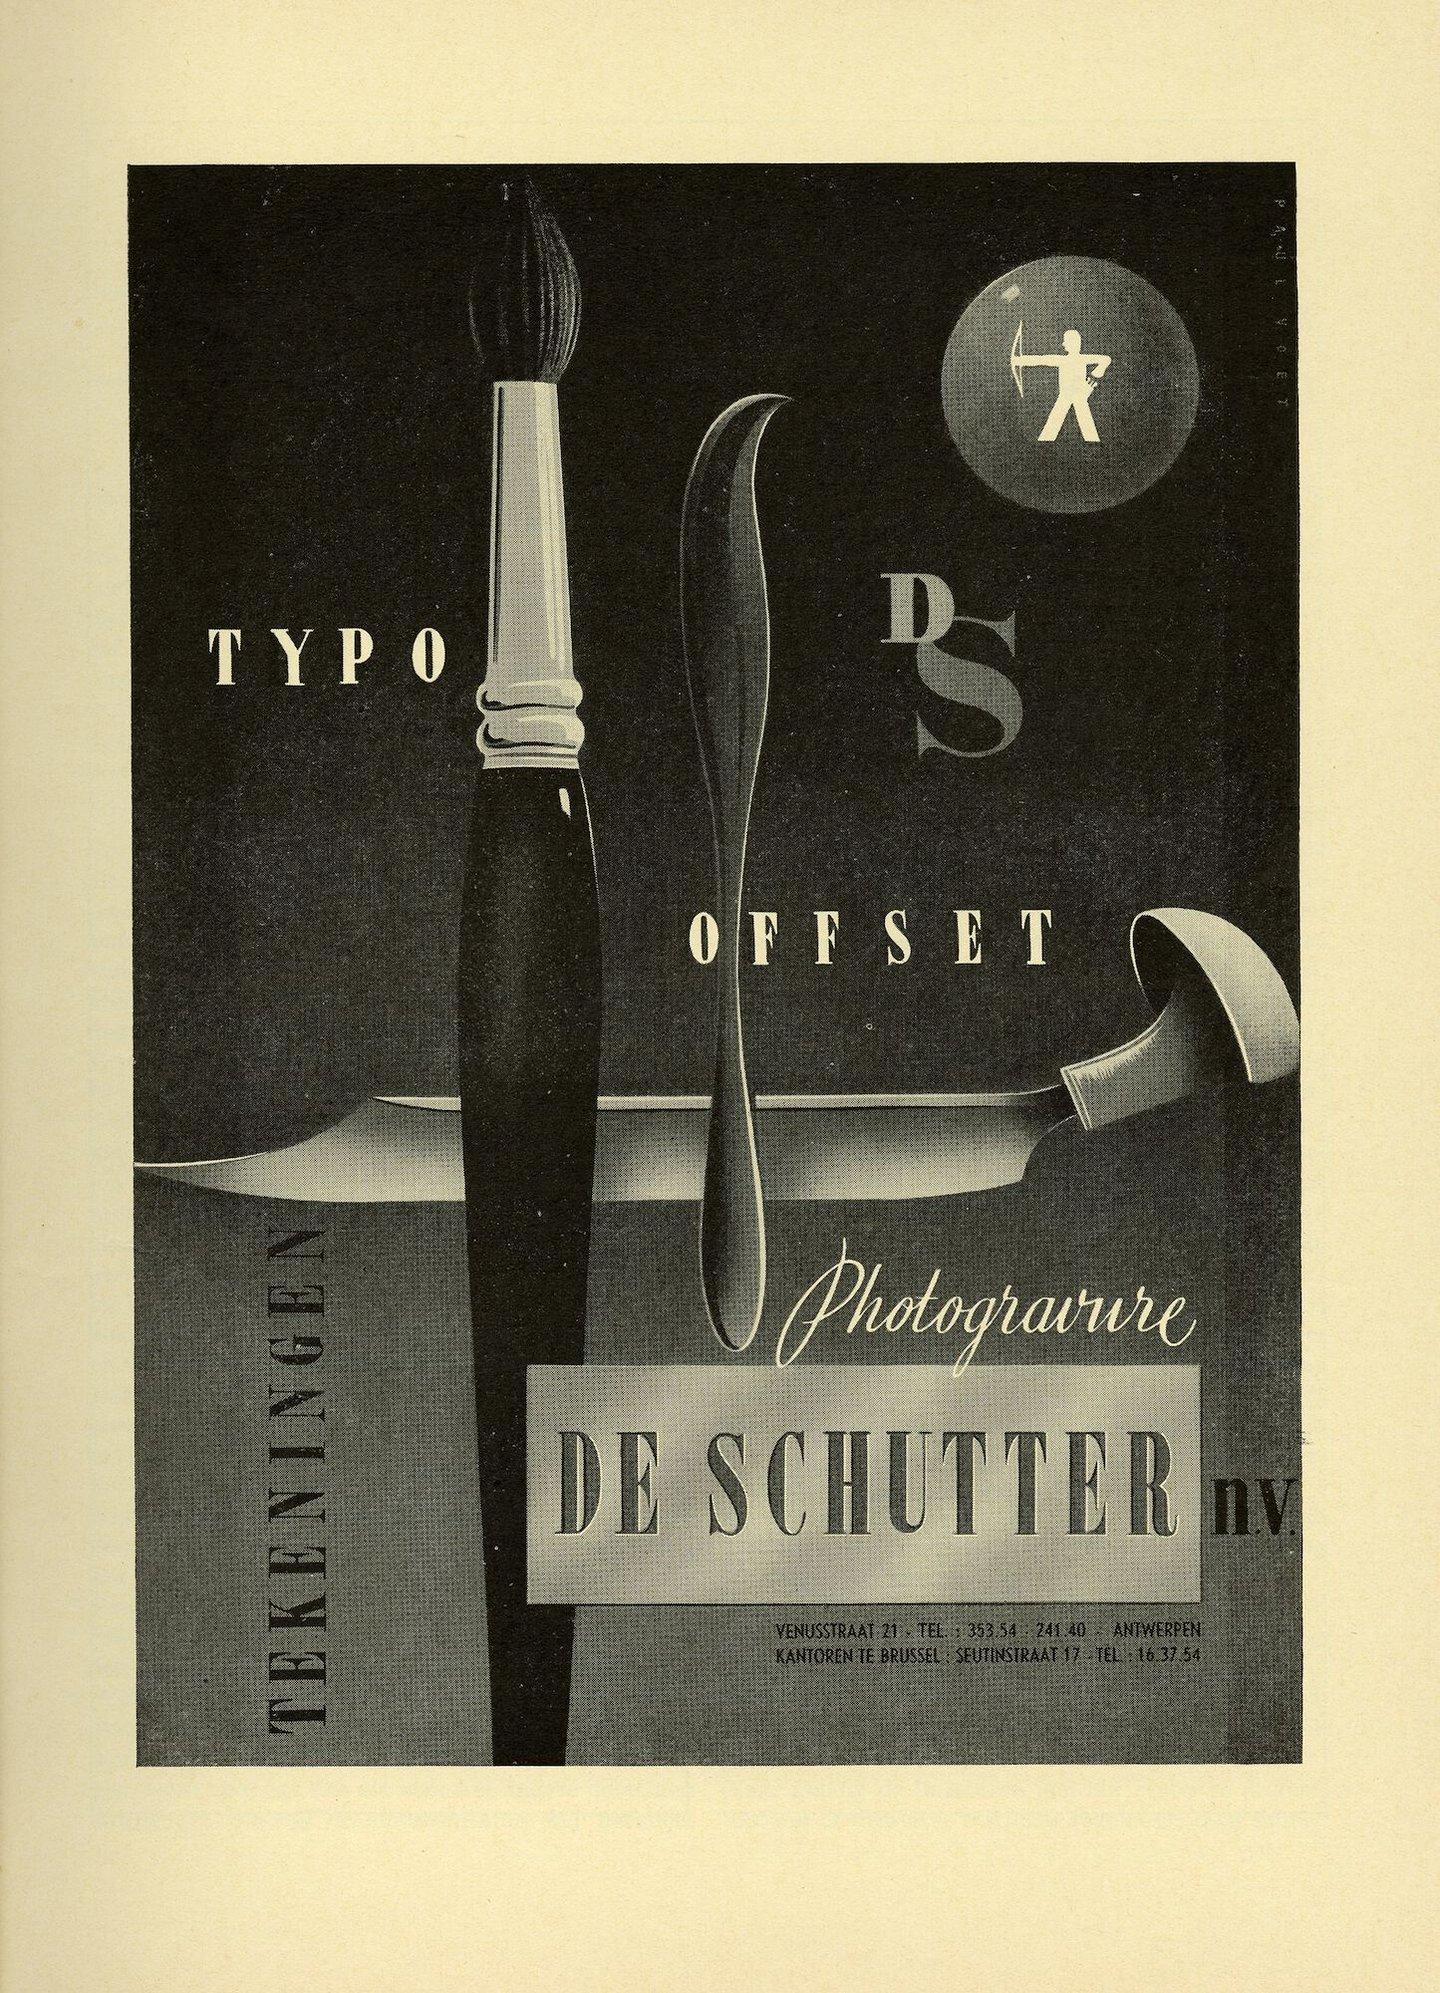 Reclame voor grafisch bedrijf De Schutter